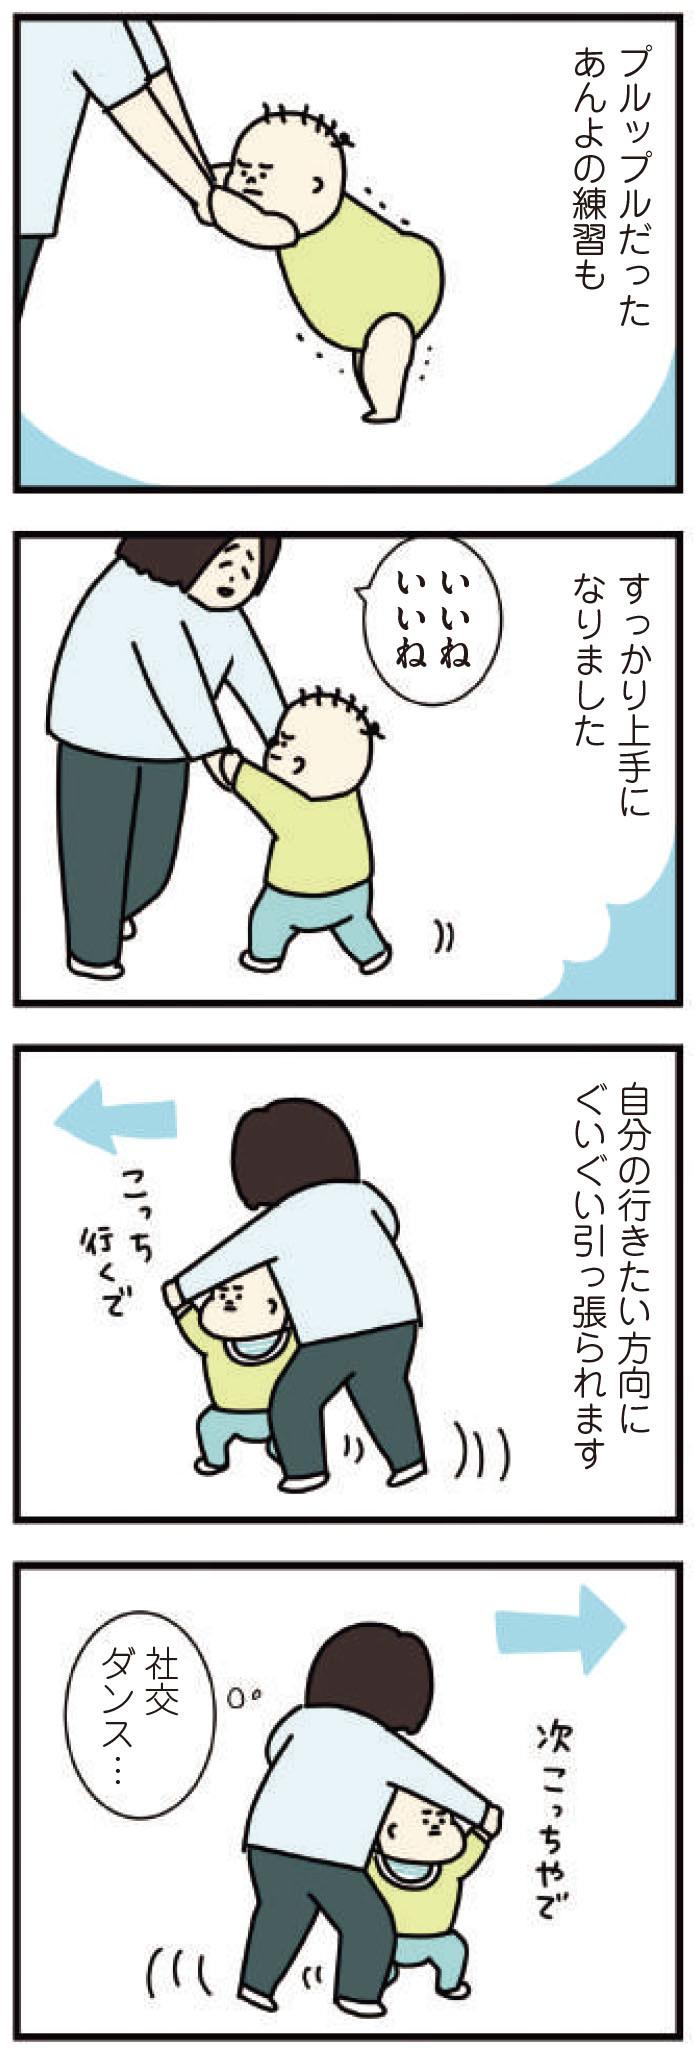 あんよ練習は社交ダンス?息子のリード力に感心しちゃうの画像1